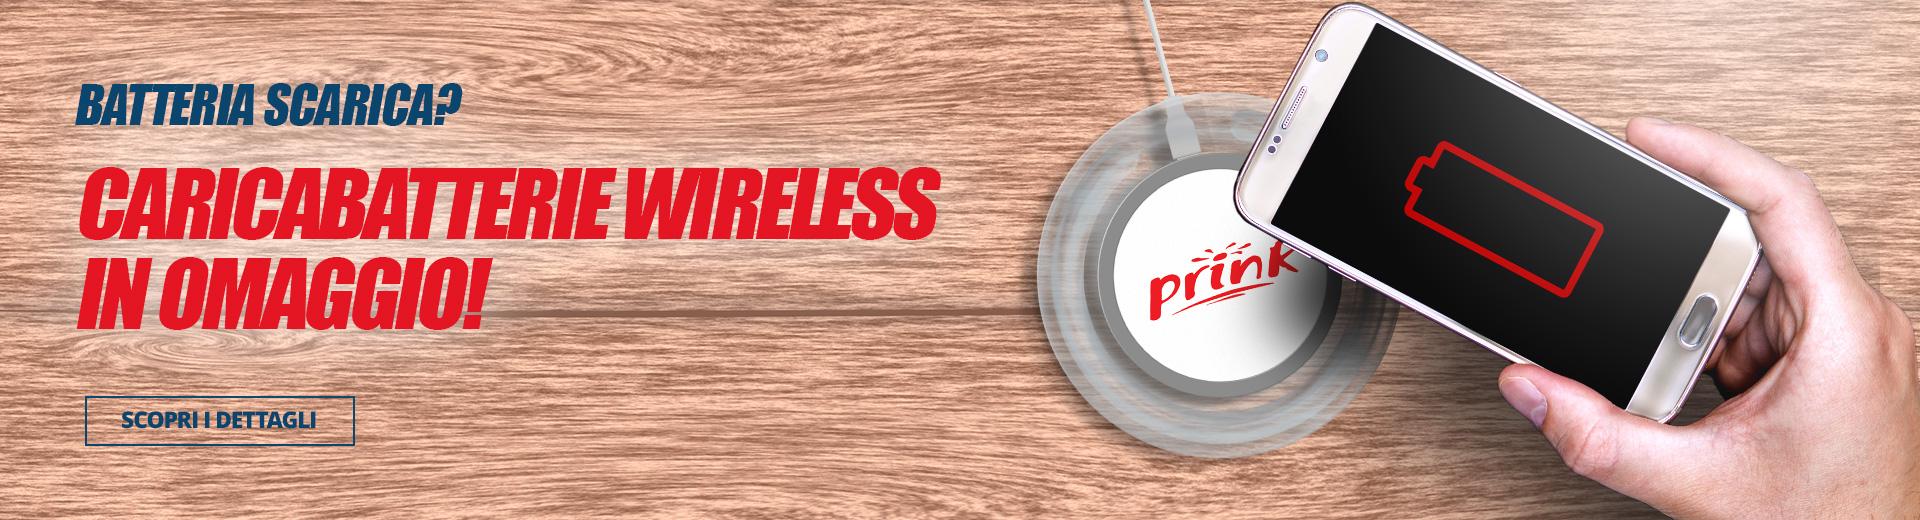 Caricabatterie wireless in omaggio con Prink